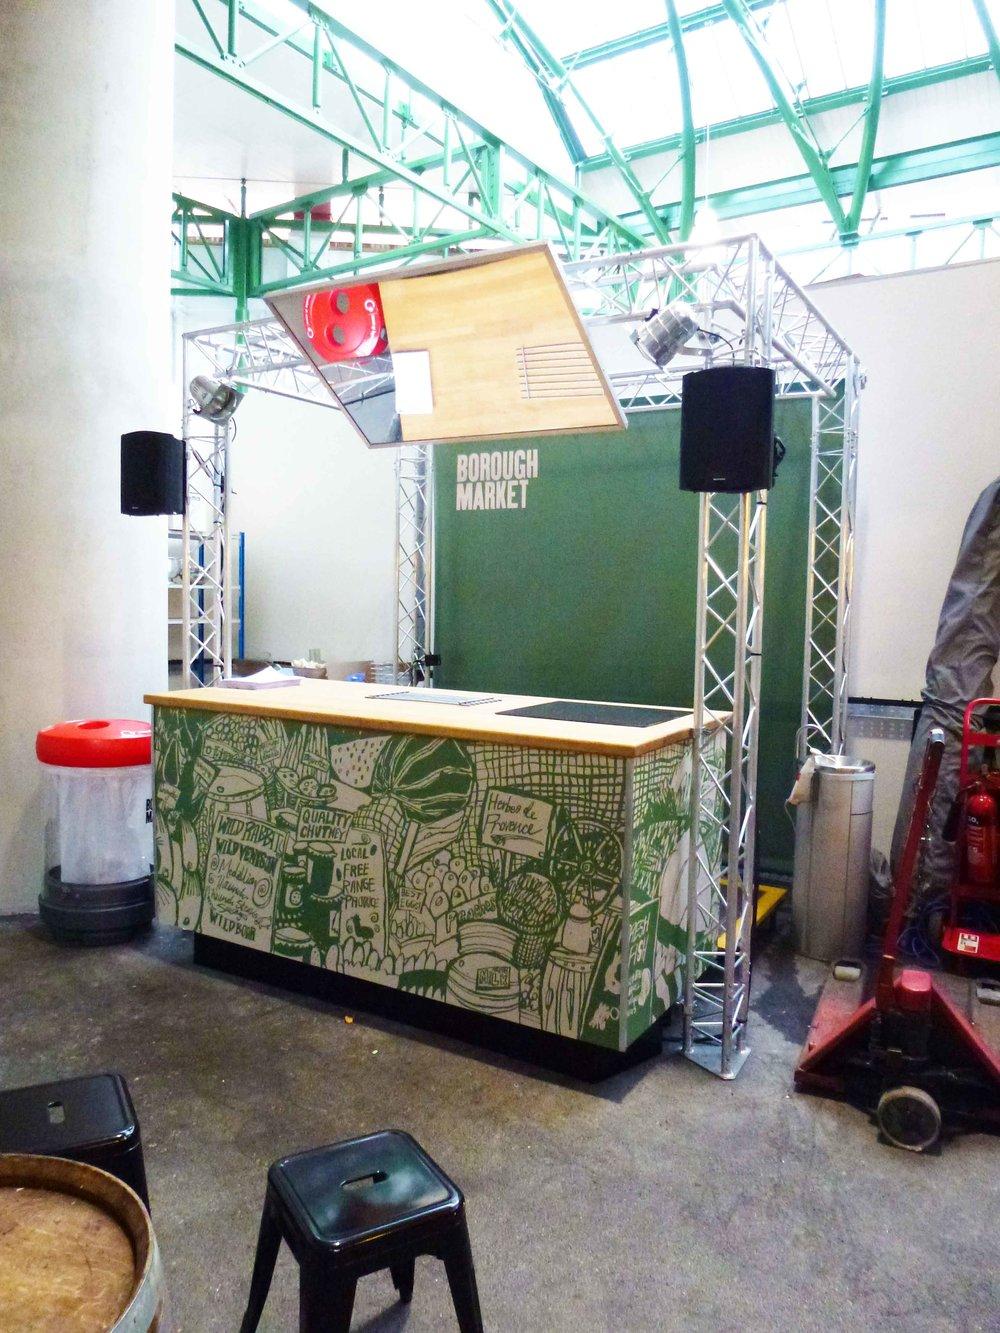 Borough-Market-demo-kitchen.jpg